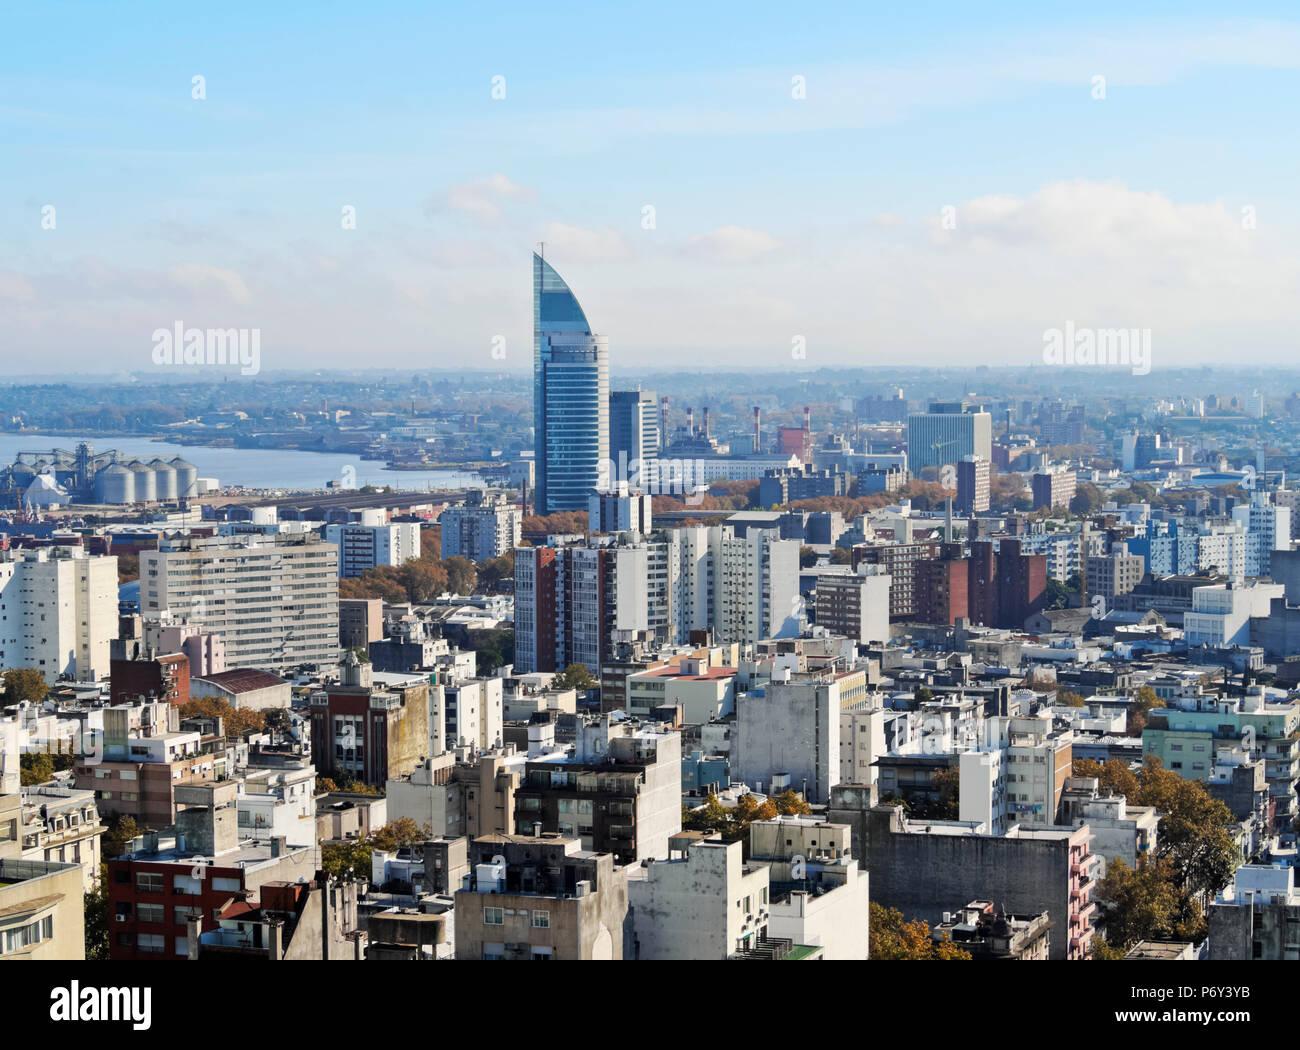 L'Uruguay, Montevideo, paysage urbain vue de l'Hôtel de Ville(Intendencia de Montevideo). Photo Stock